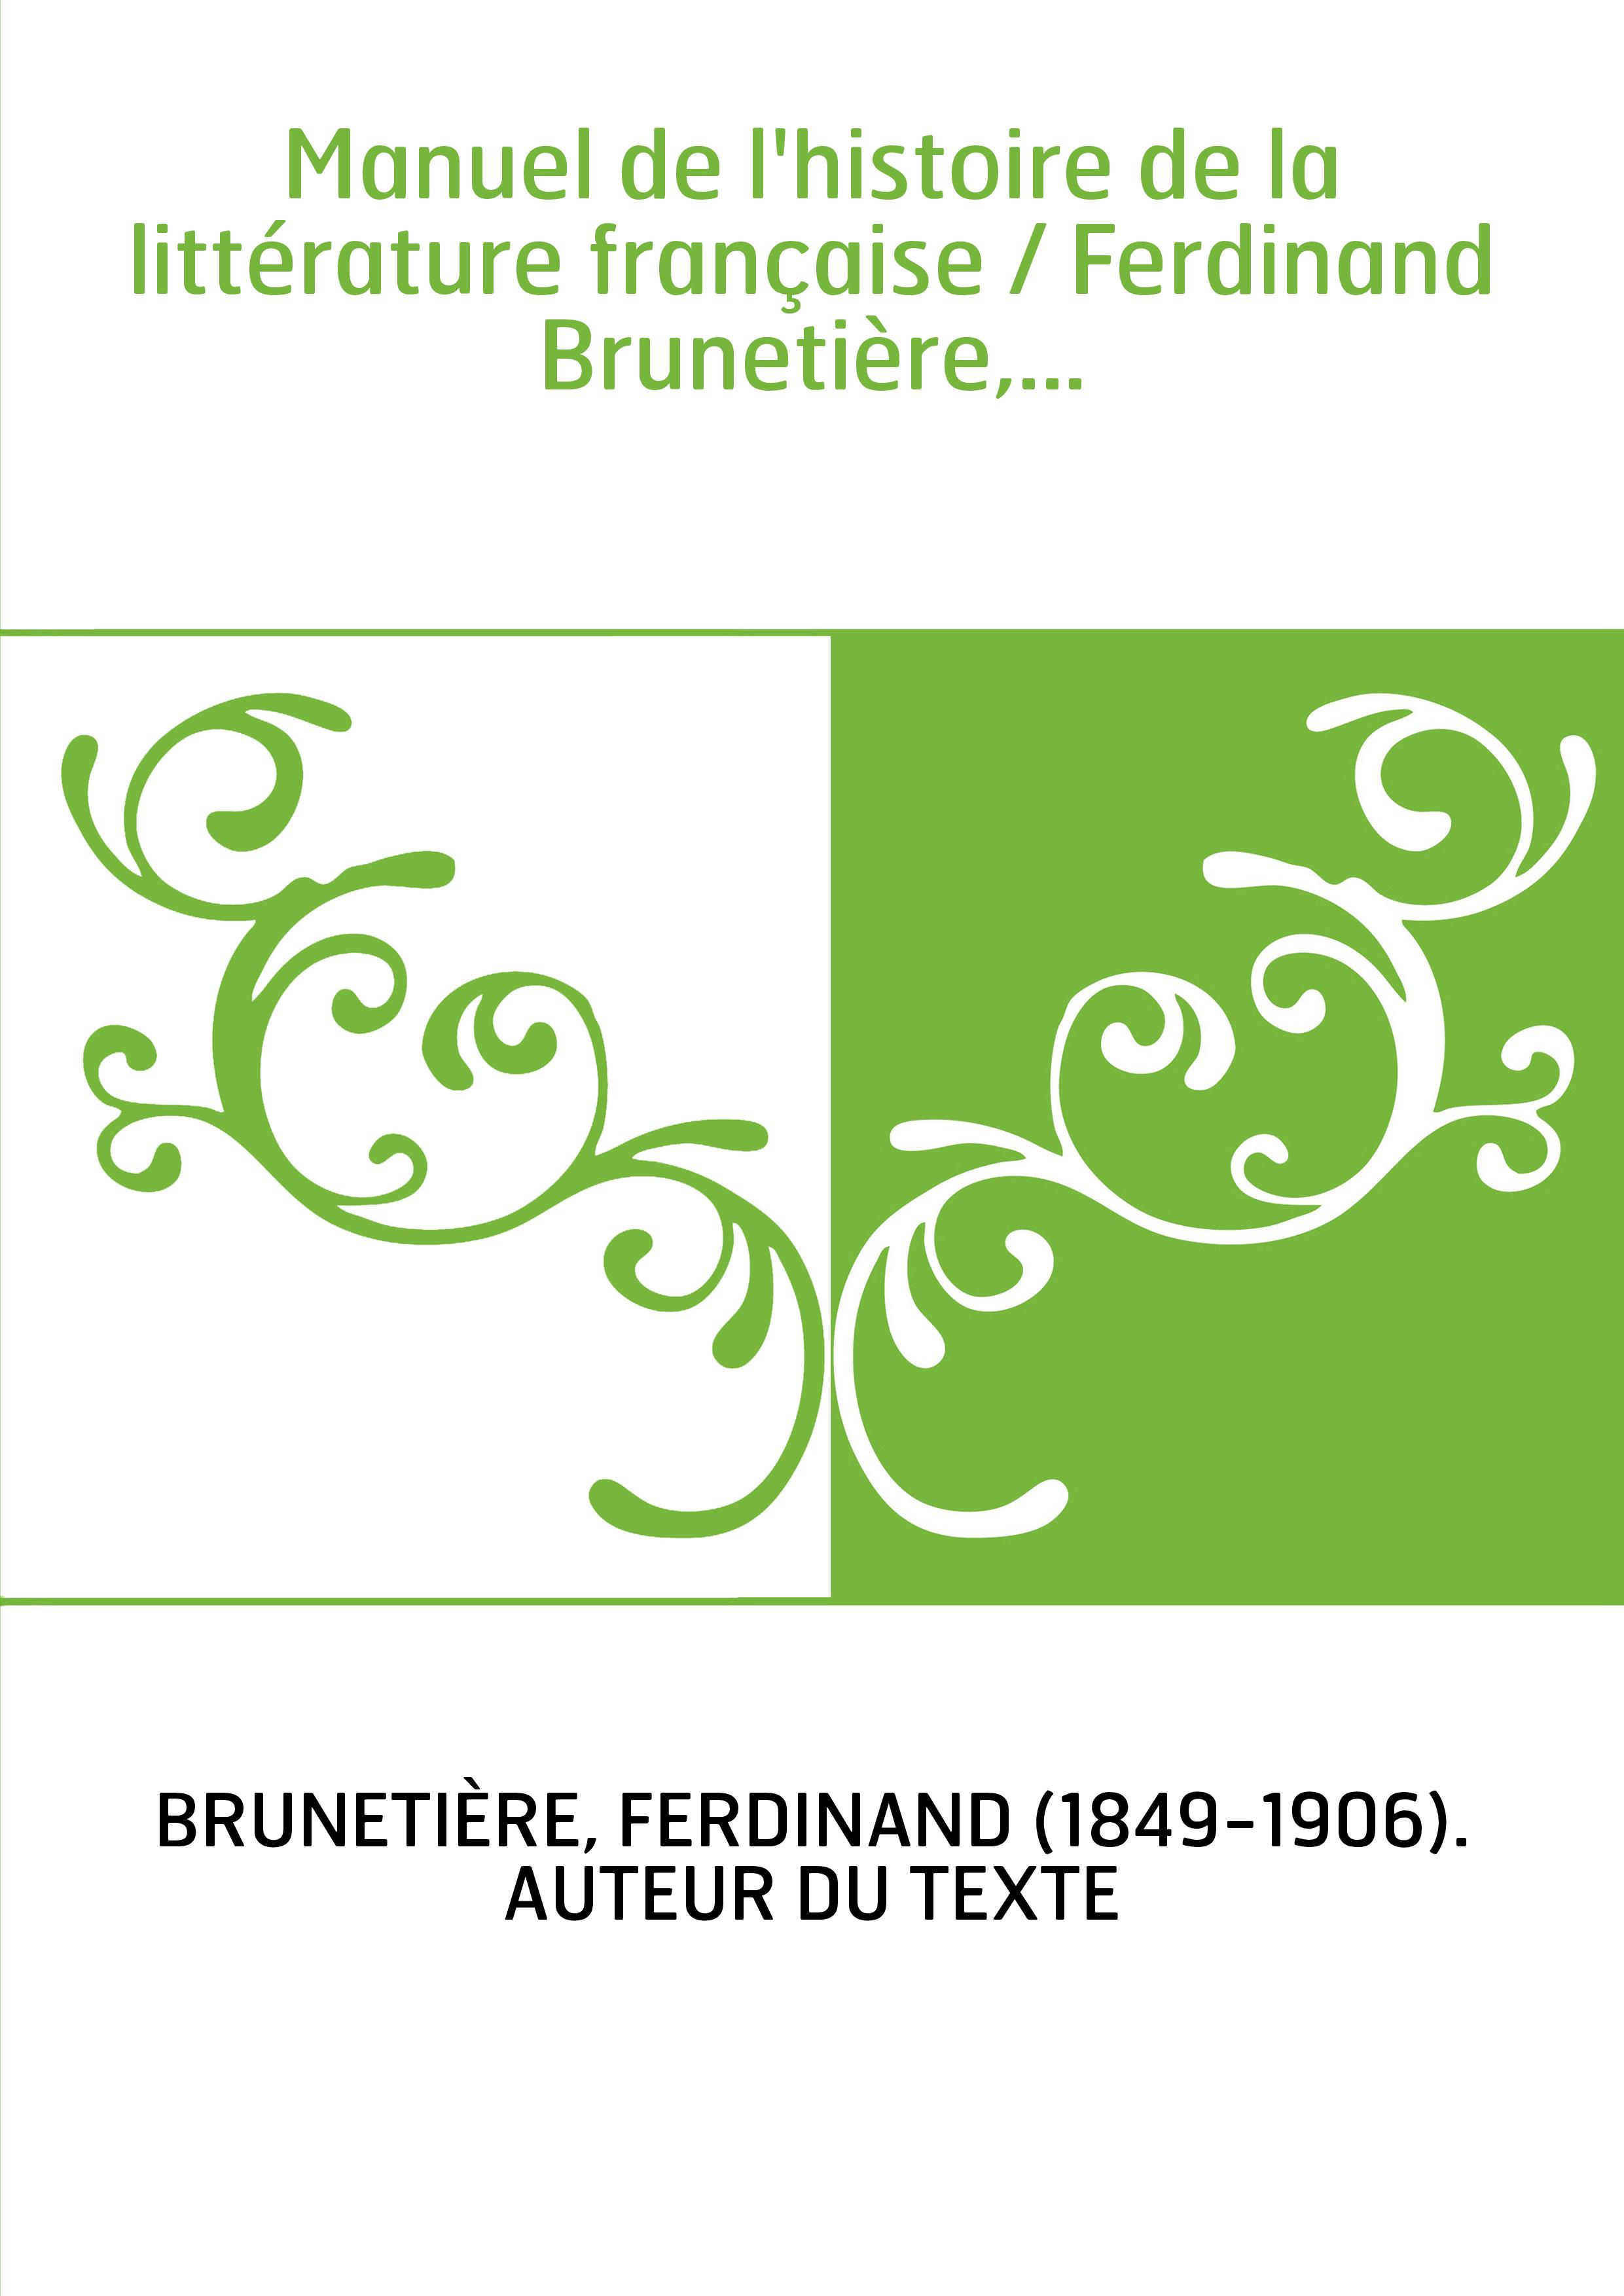 Manuel de l'histoire de la littérature française / Ferdinand Brunetière,...